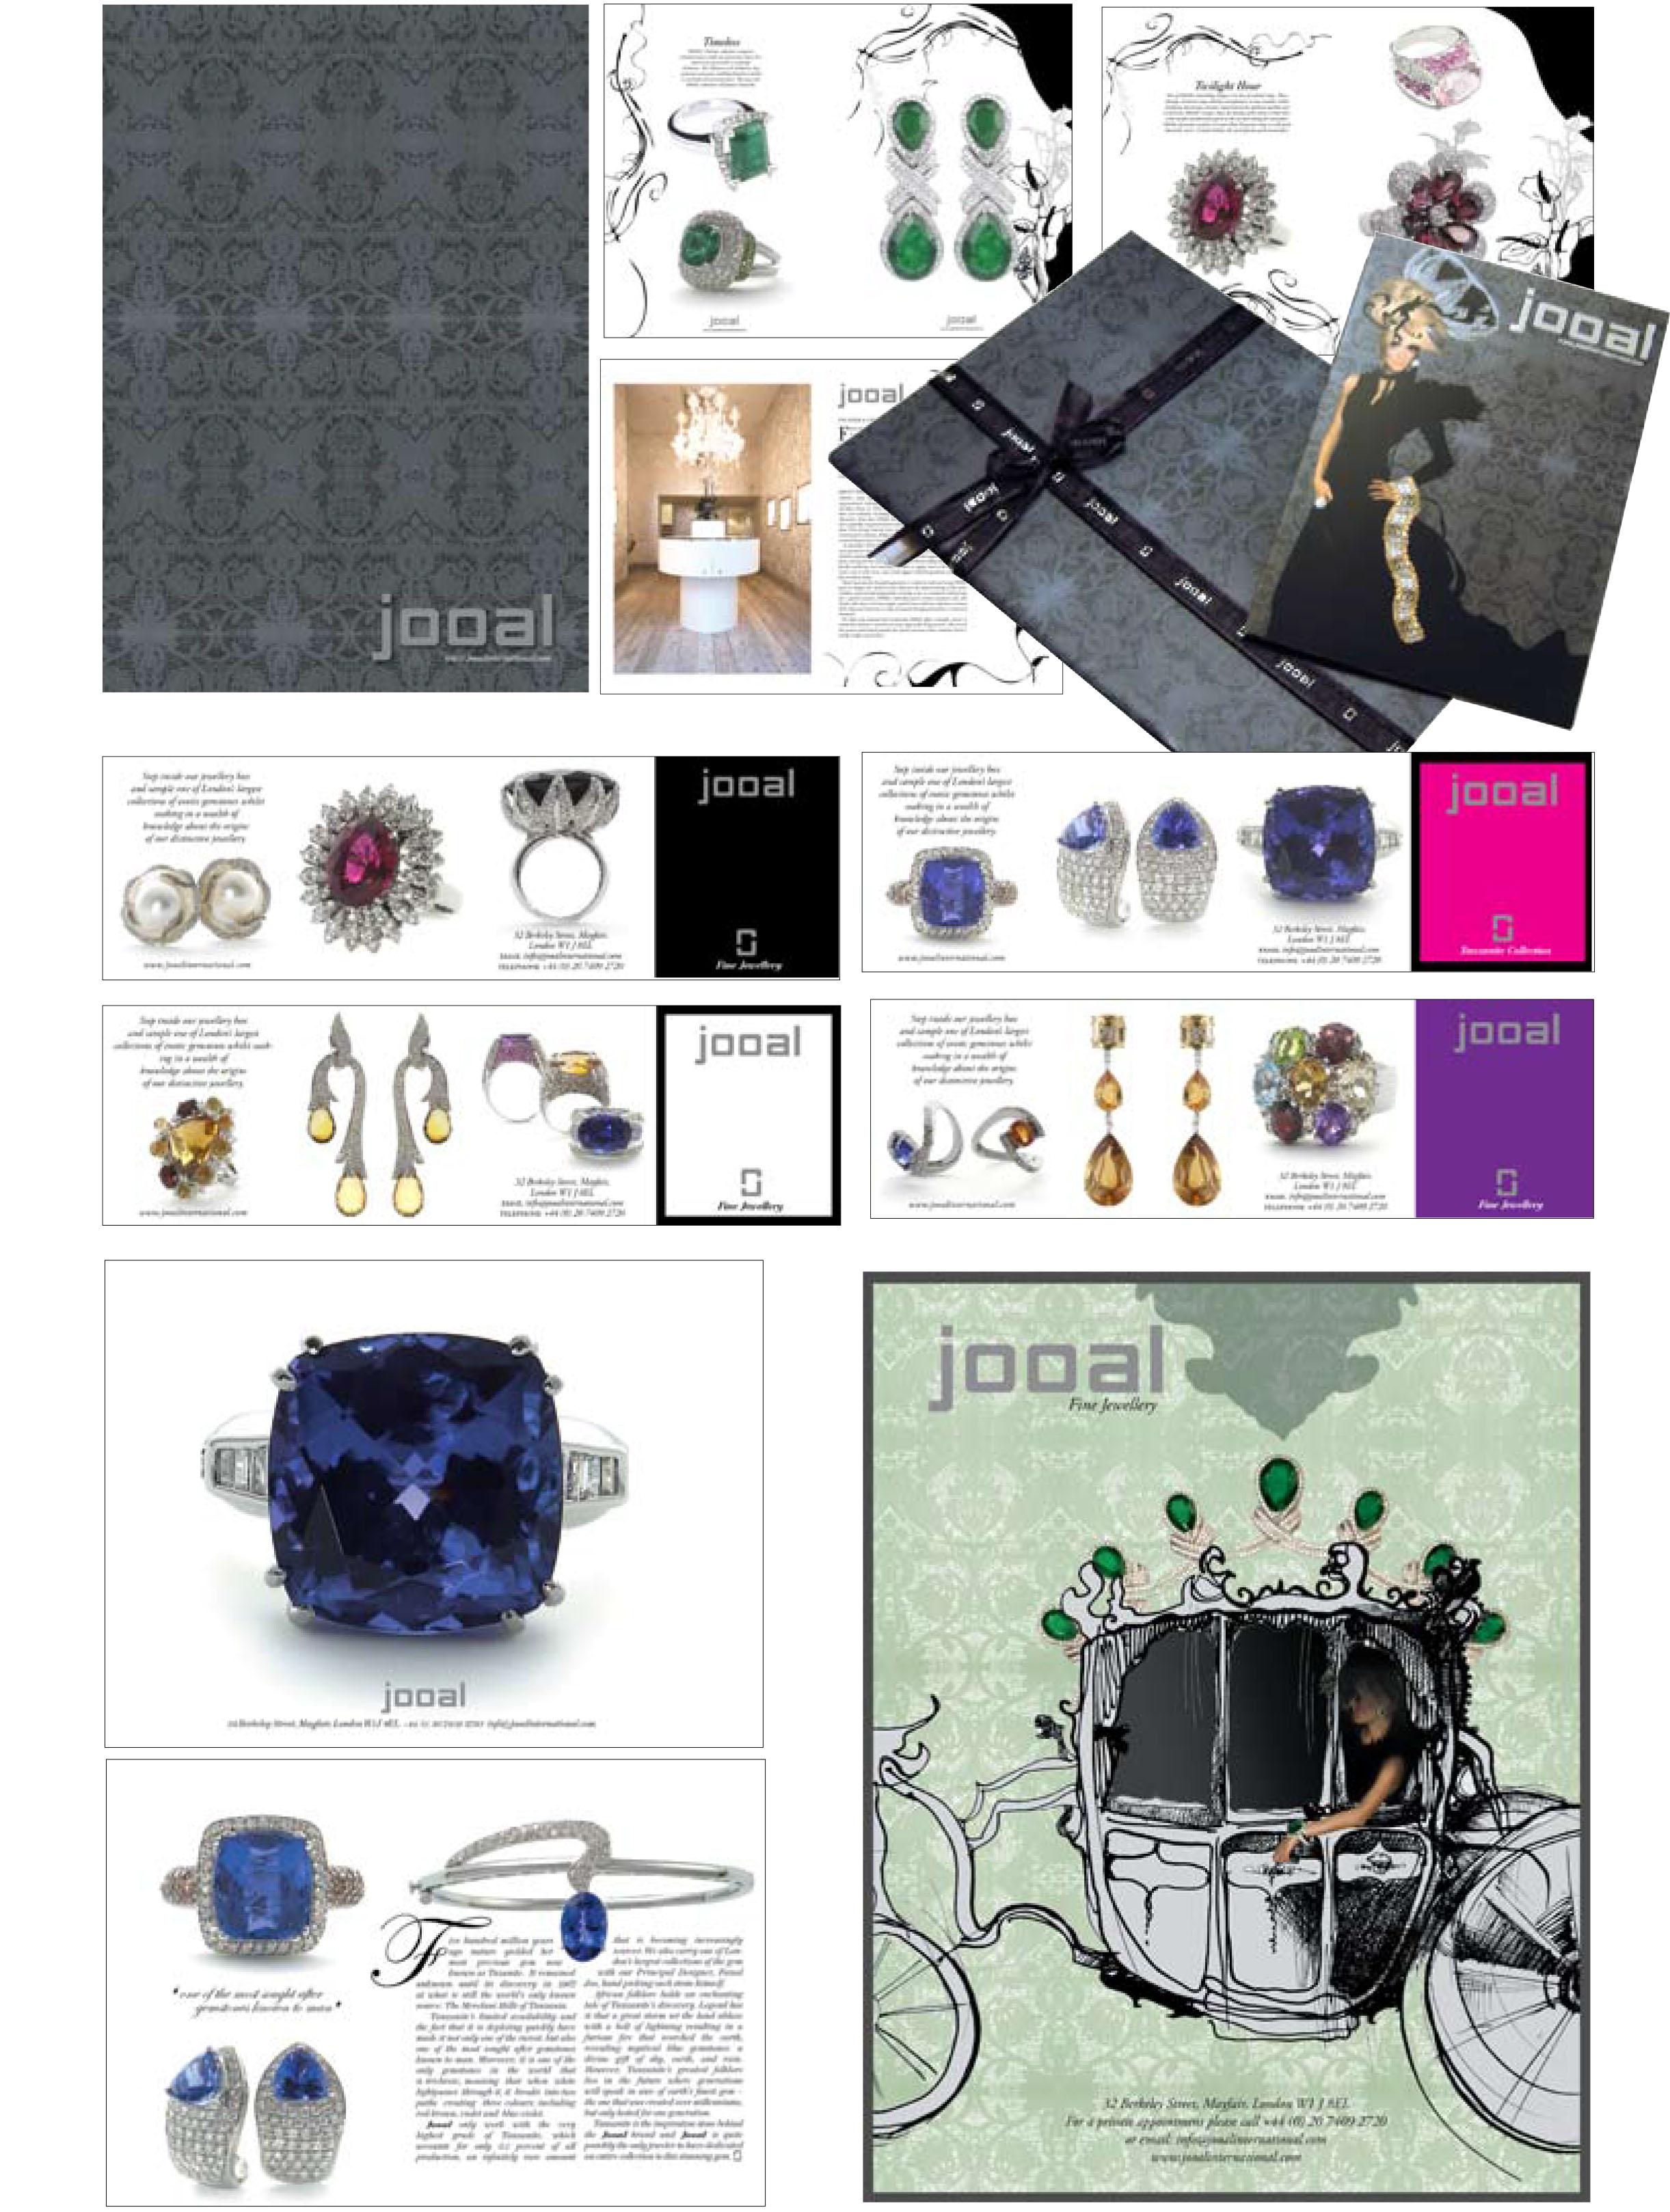 jooal1